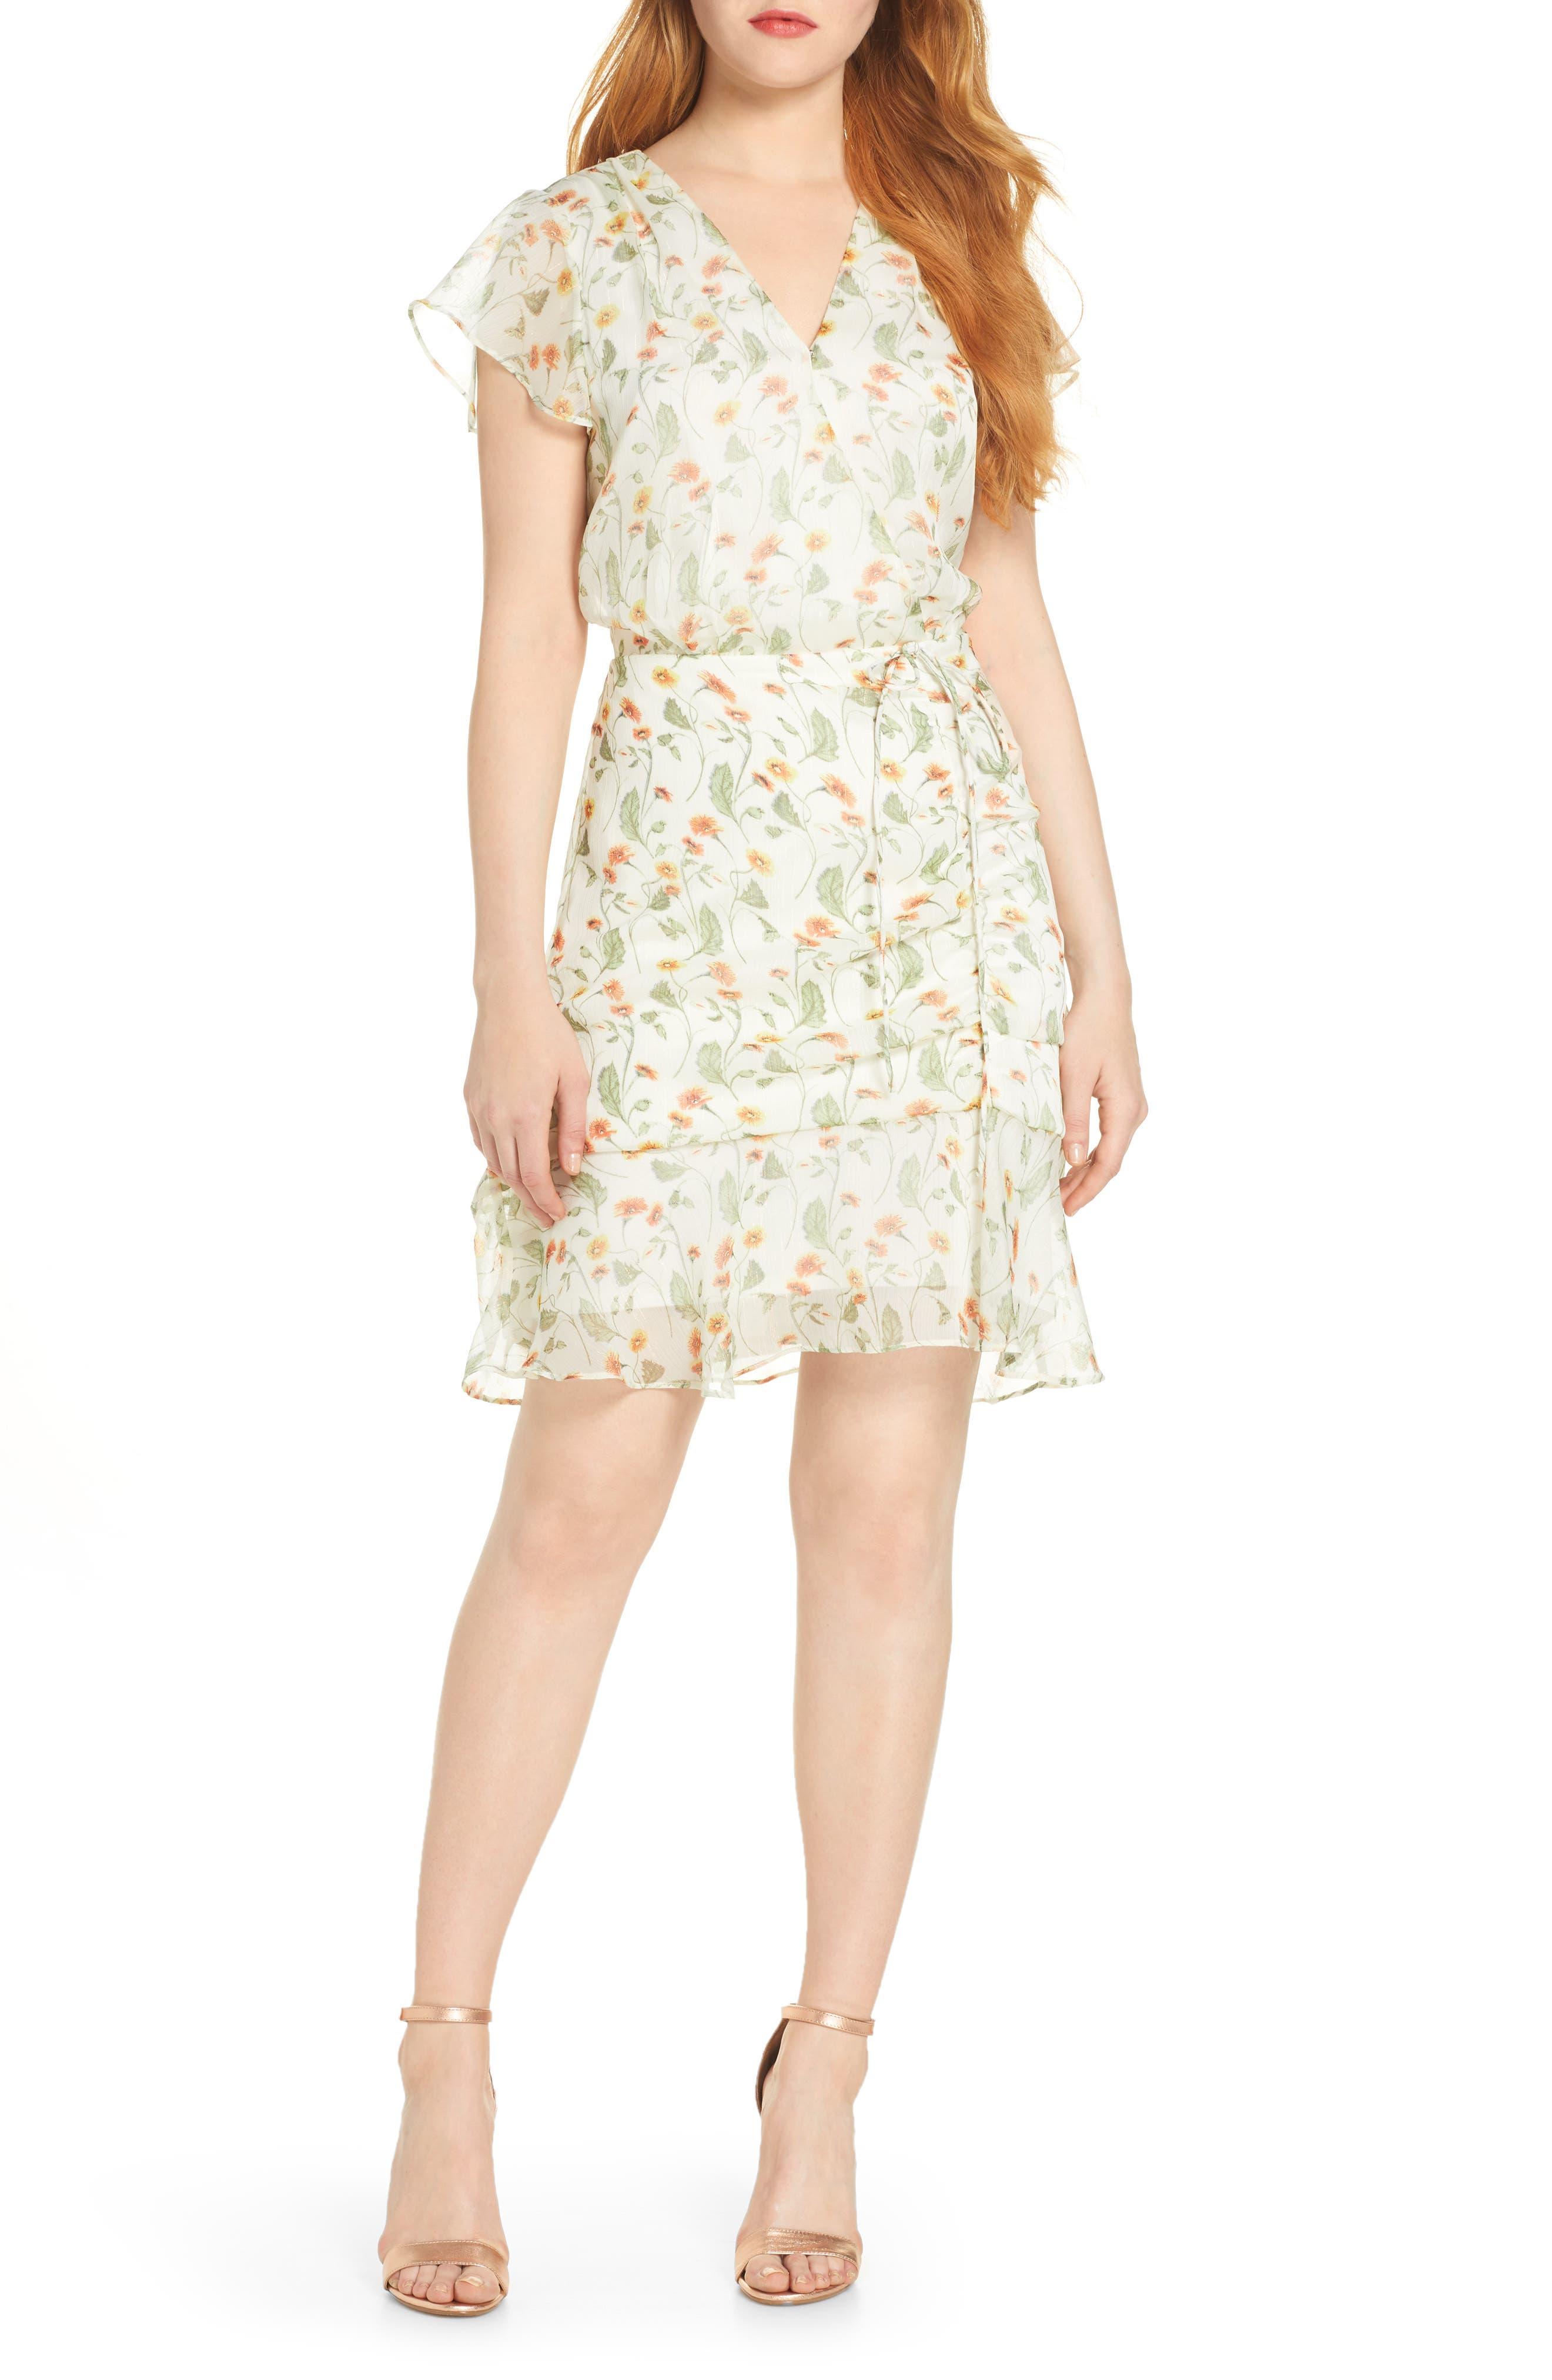 Sam Edelman Floral Tie Waist Dress, Ivory